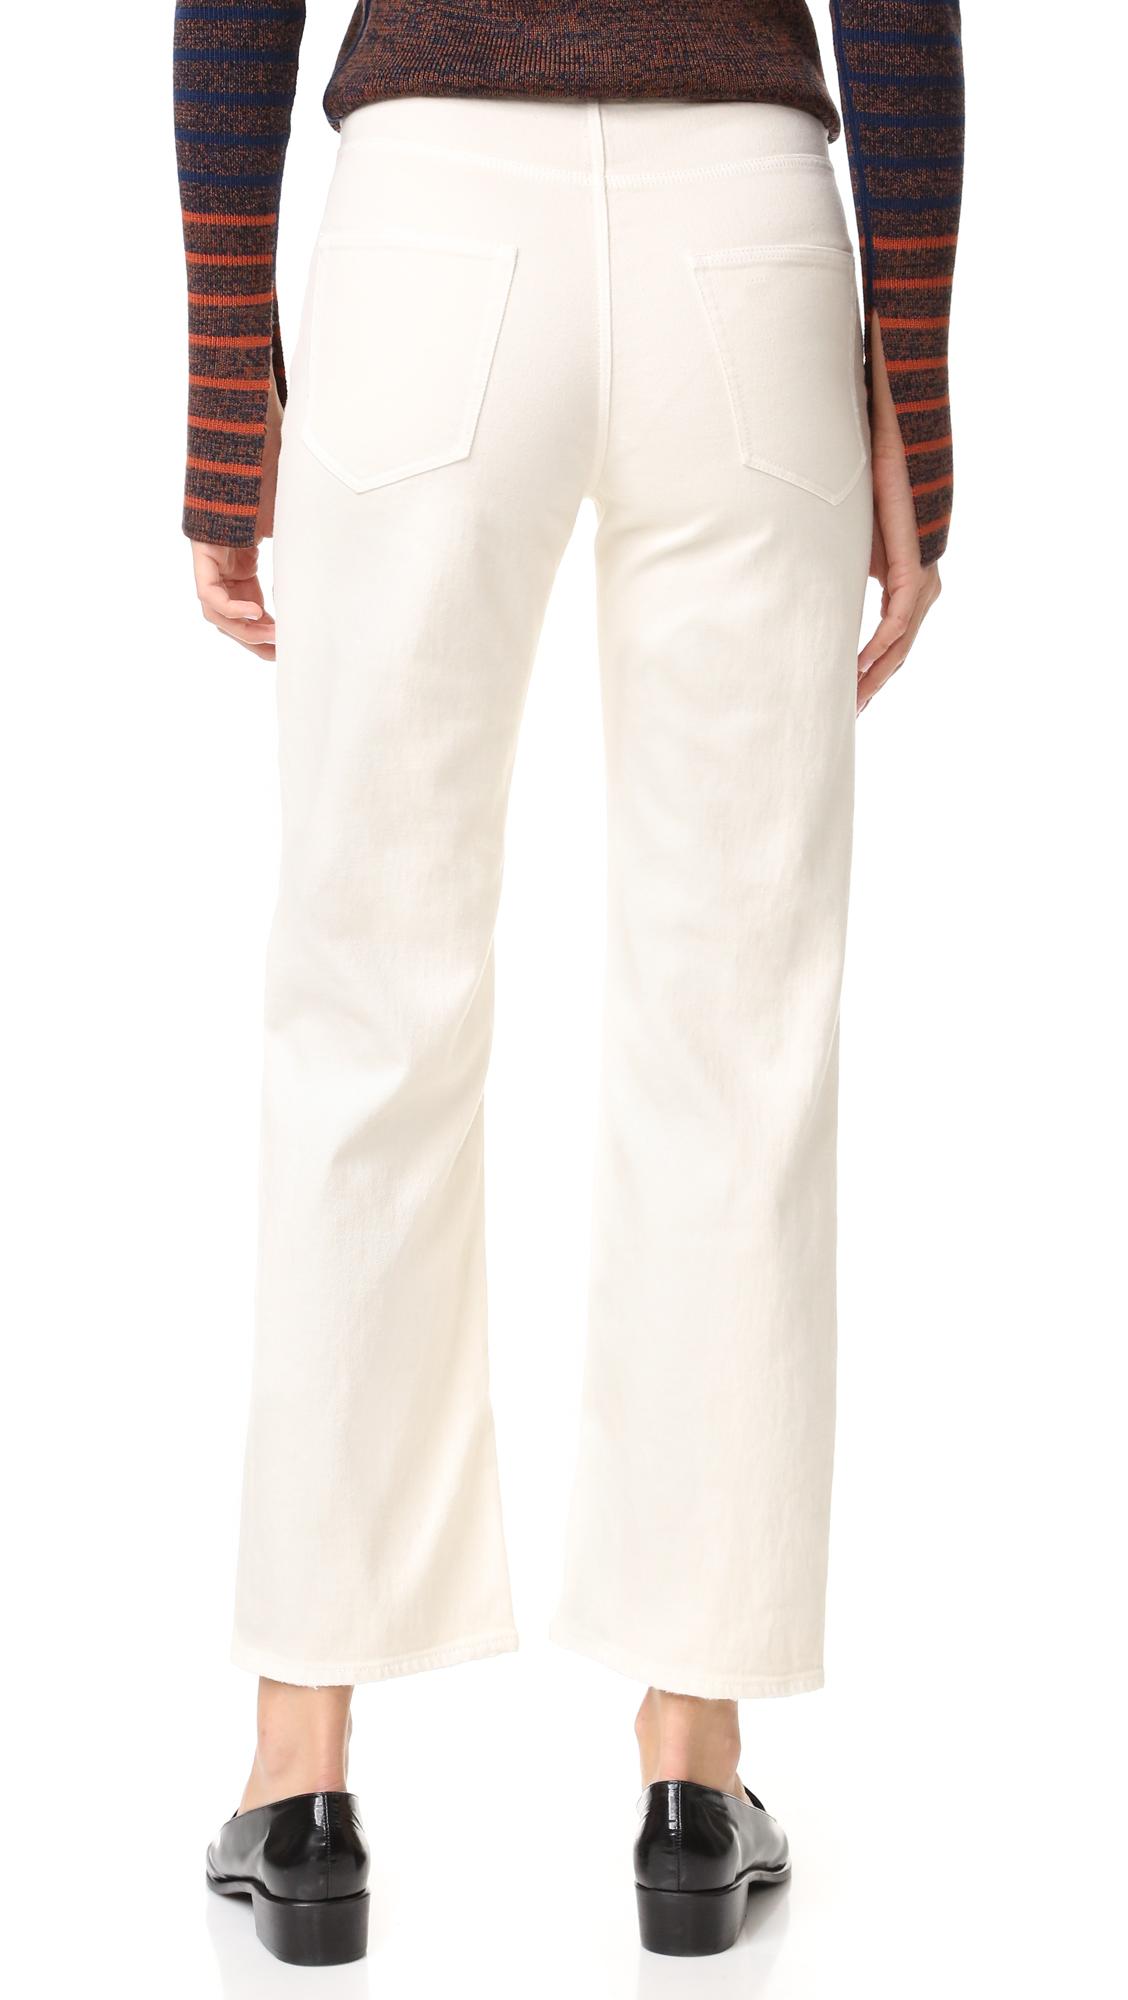 la vie rebecca taylor amelie jeans shopbop